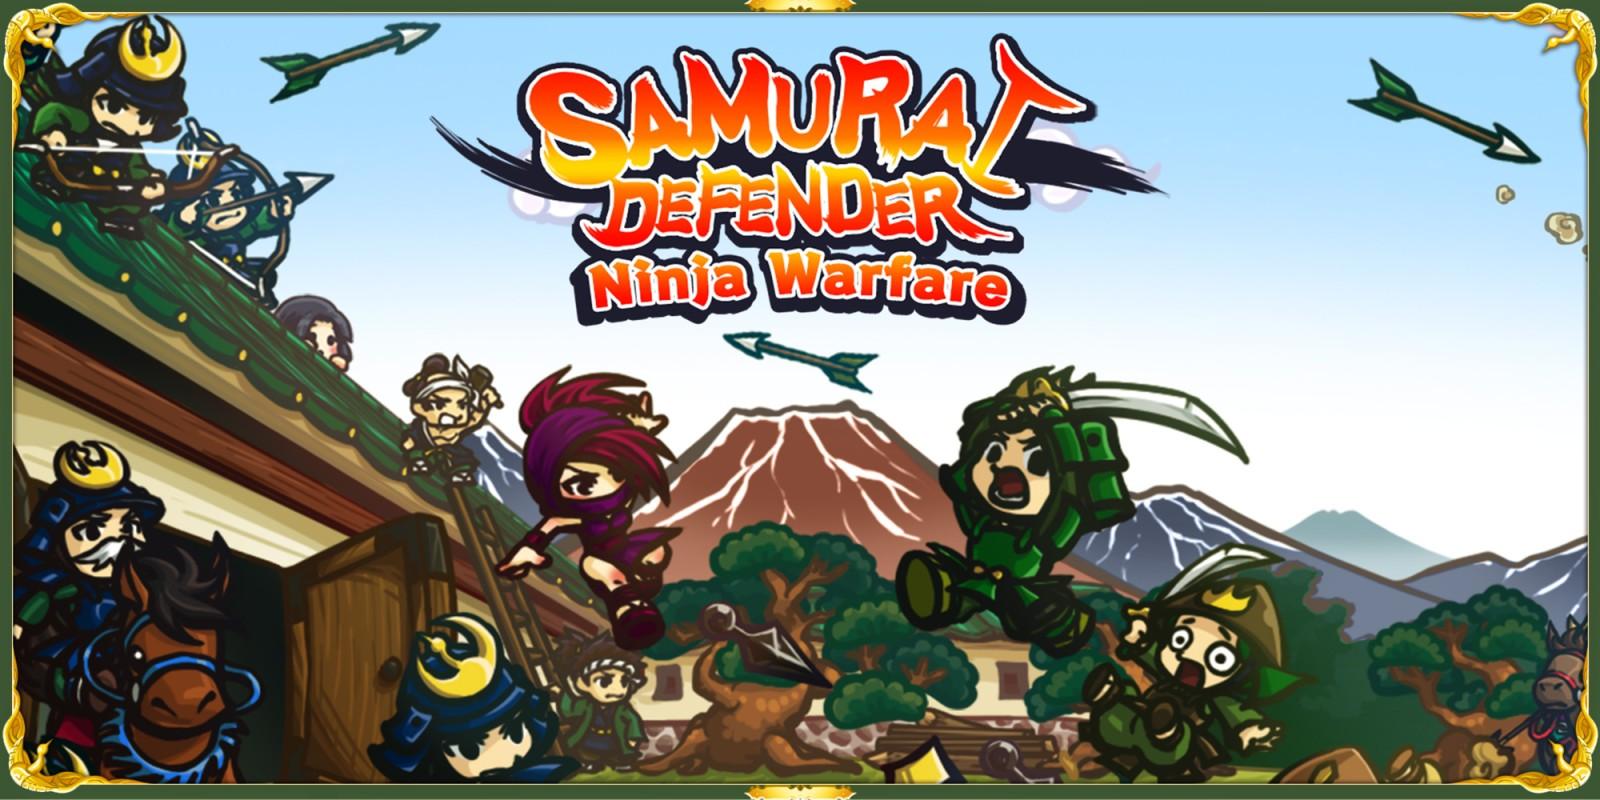 Baixar Samurai Defender With Ninja Hackeado e Atualizado 2018 Com Dinheiro Infinito - Winew, dinheiro infinito, dinheiro ilimitado, money unlimited